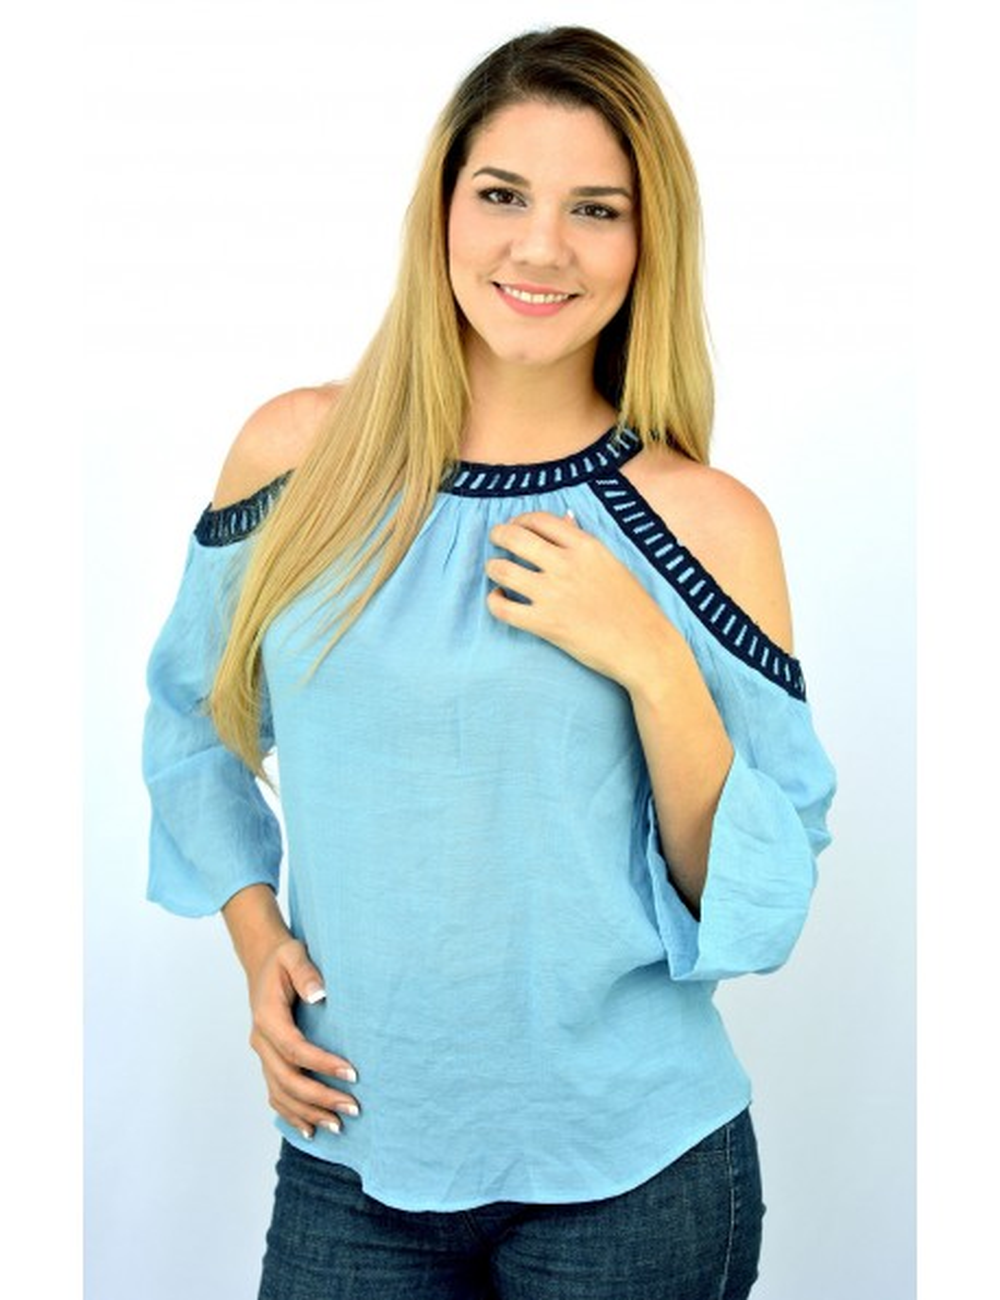 Blusa de manta celeste con bordado azul hombros descubiertos